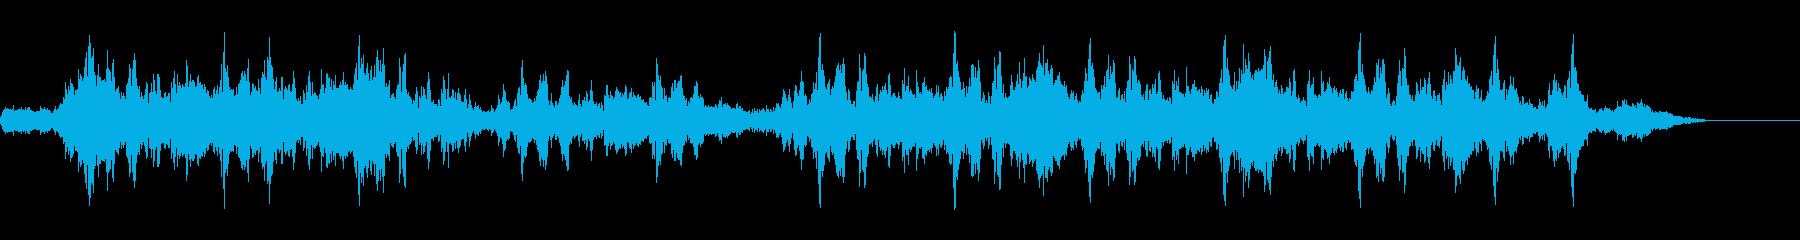 ヒューガタガタ(強風)の再生済みの波形